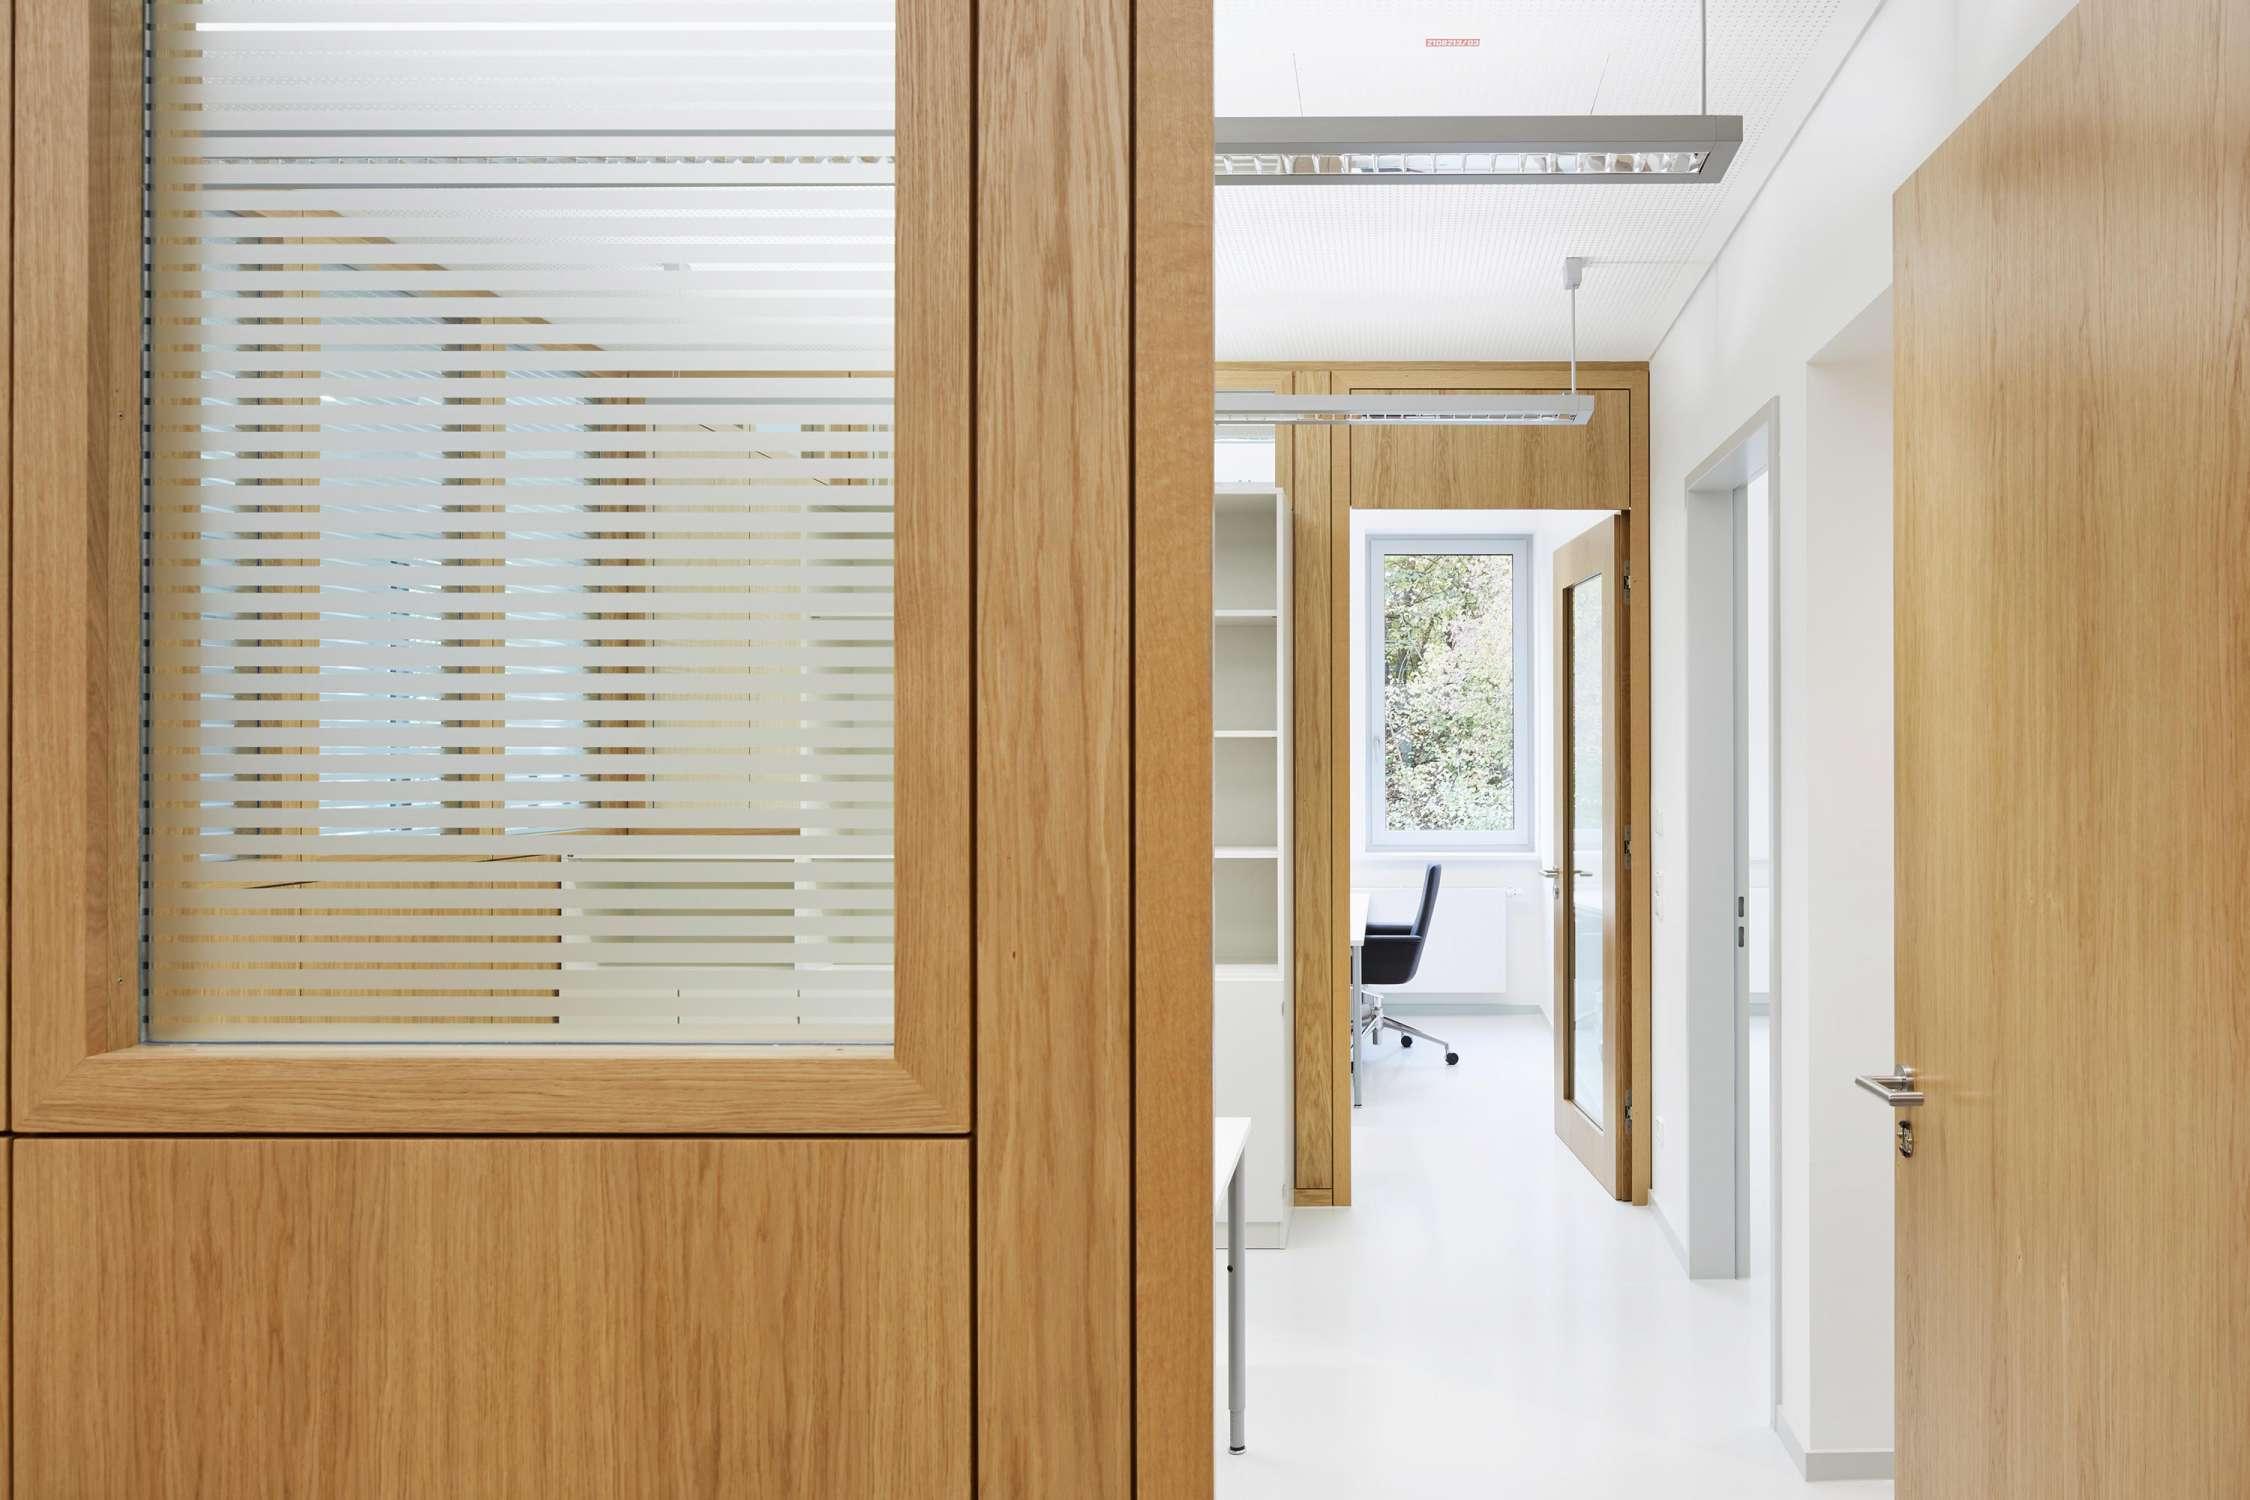 Laborgebäude für präklinische Bildgebung der Werner Siemens-Stiftung (4)